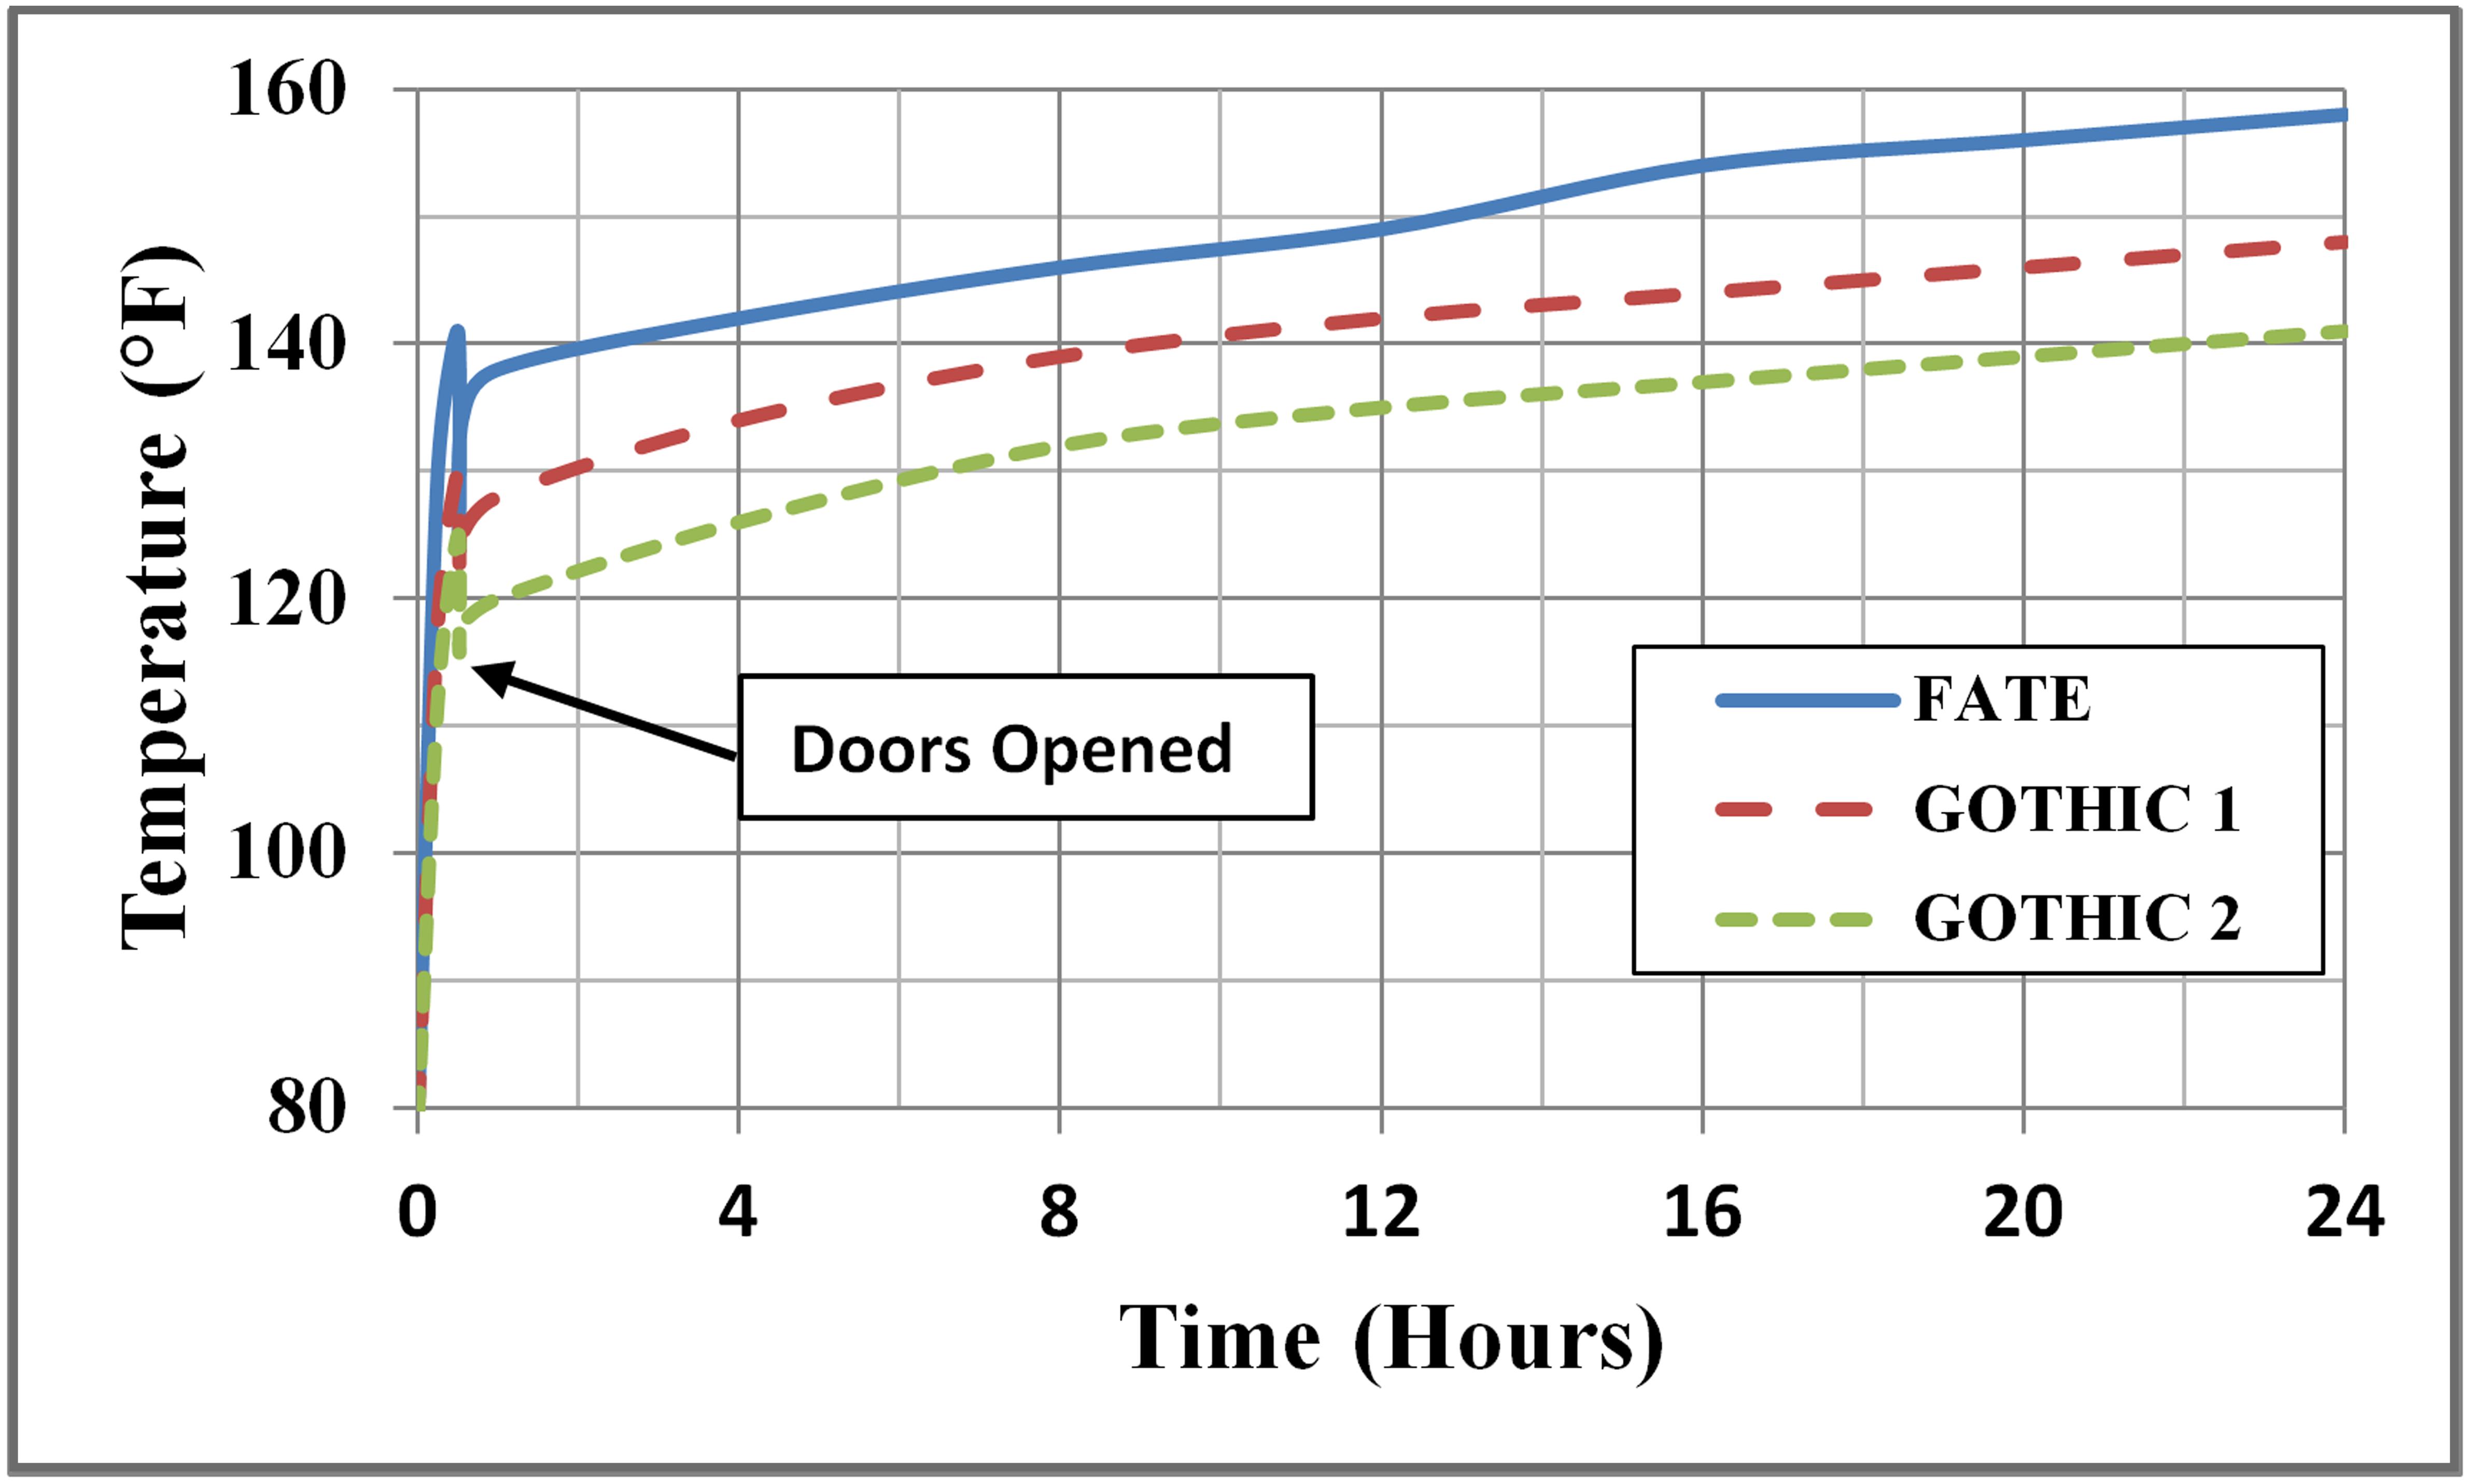 Figure 1: Comparison of Compartment Gas Temperature